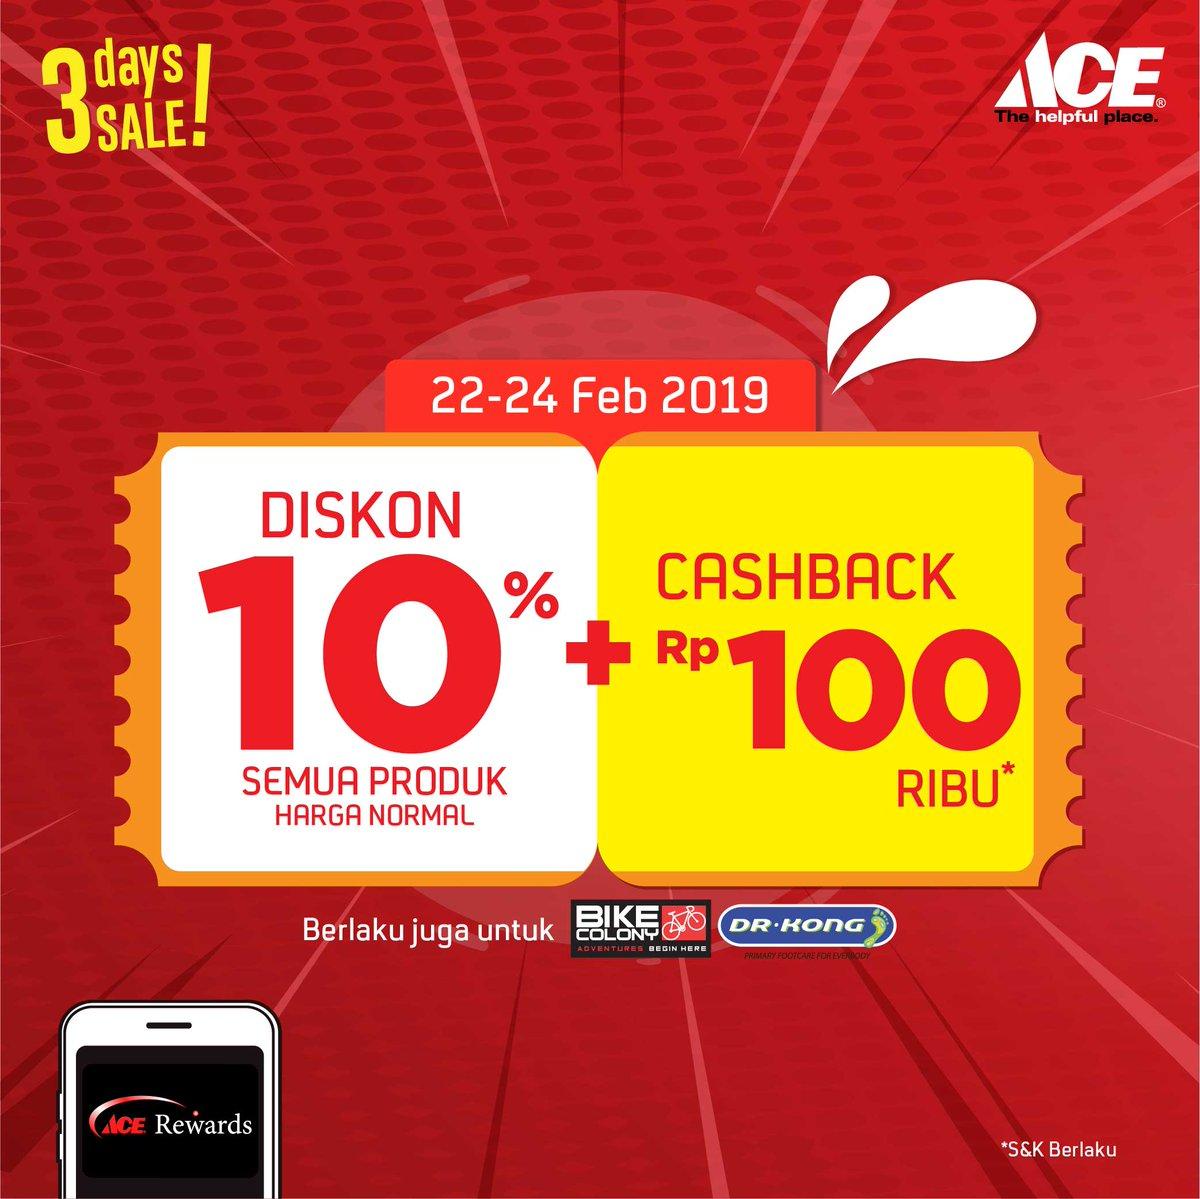 #AceHardware - #Promo Diskon 10% All Produk + Cashback 100Ribu (s.d 24 Feb 2019)